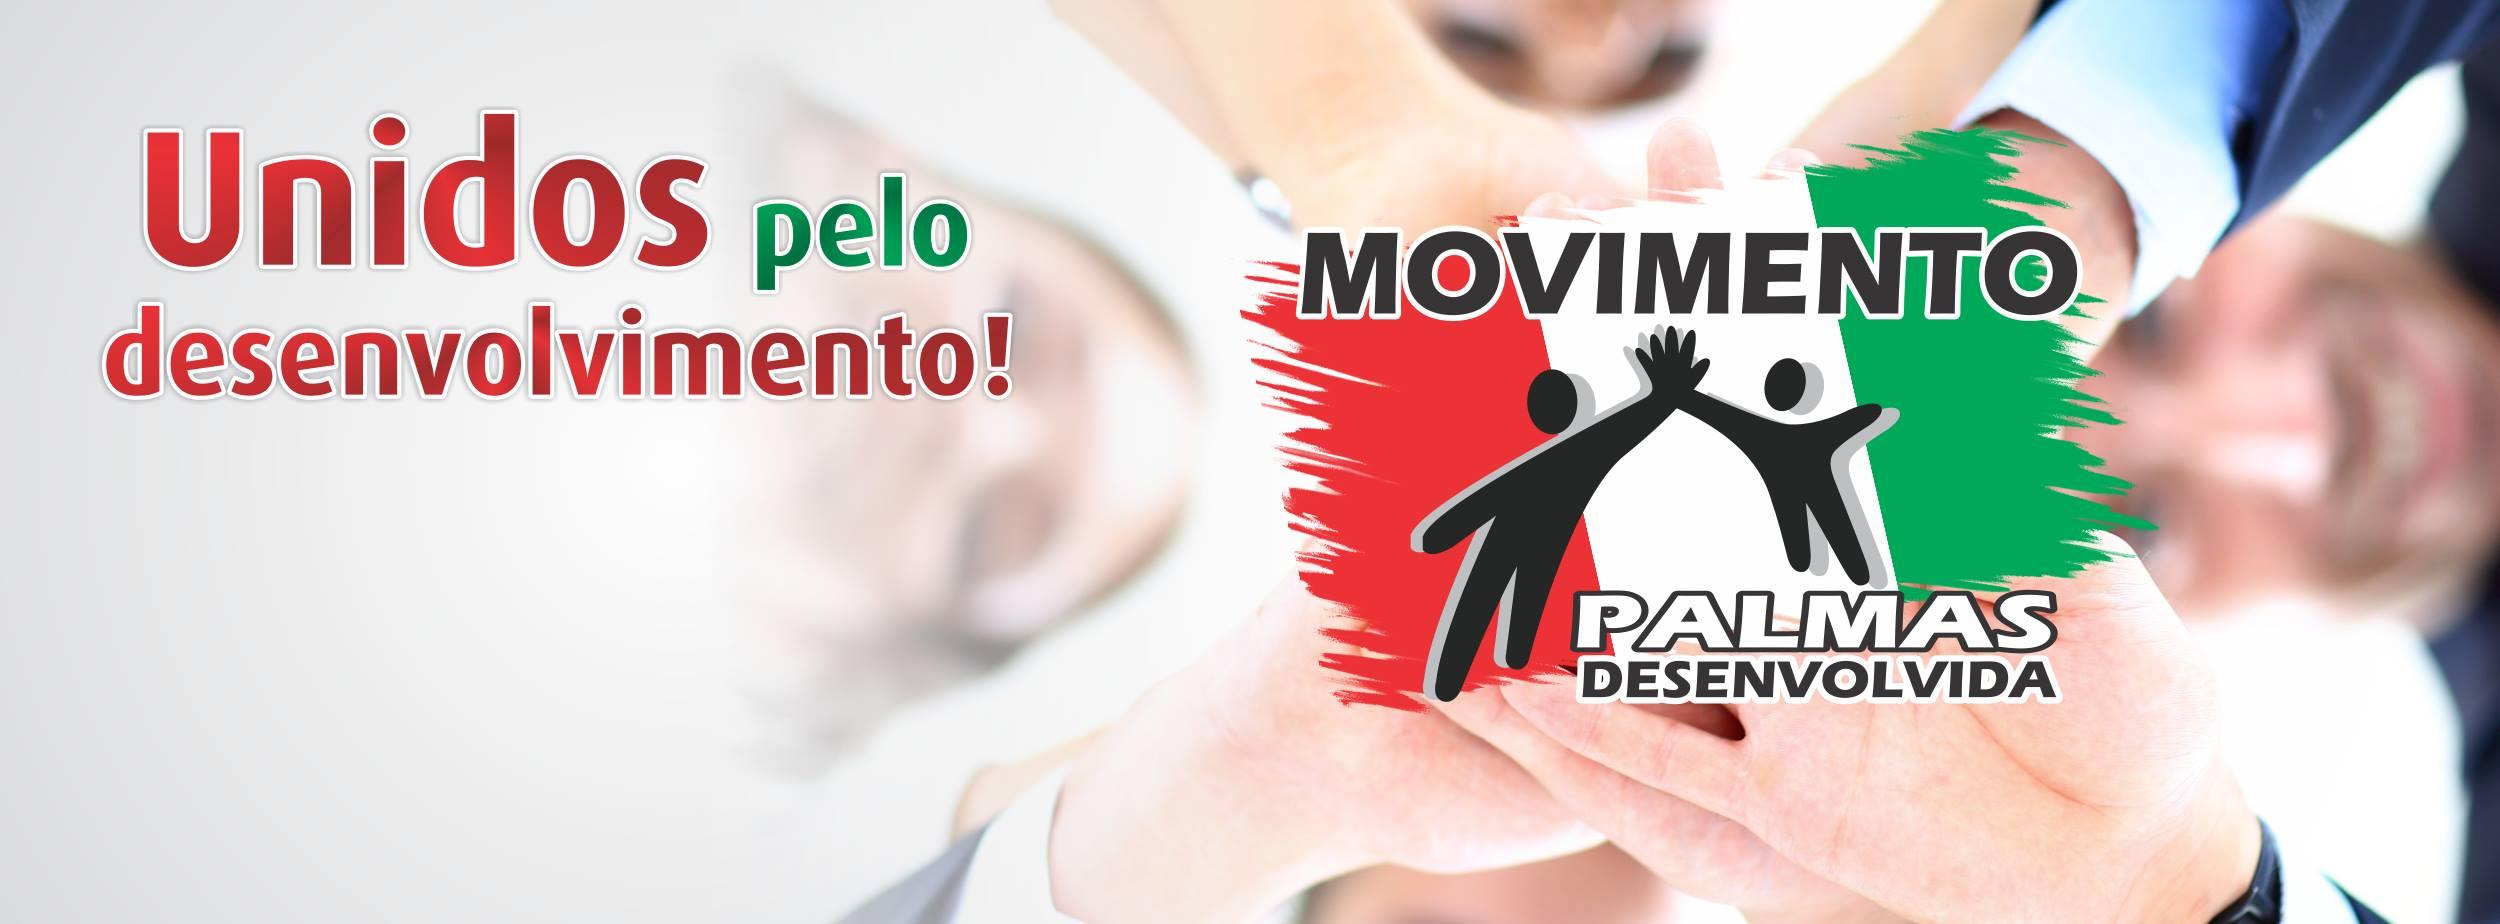 Candidatos 2018 assinam a Carta de Palmas do MPD